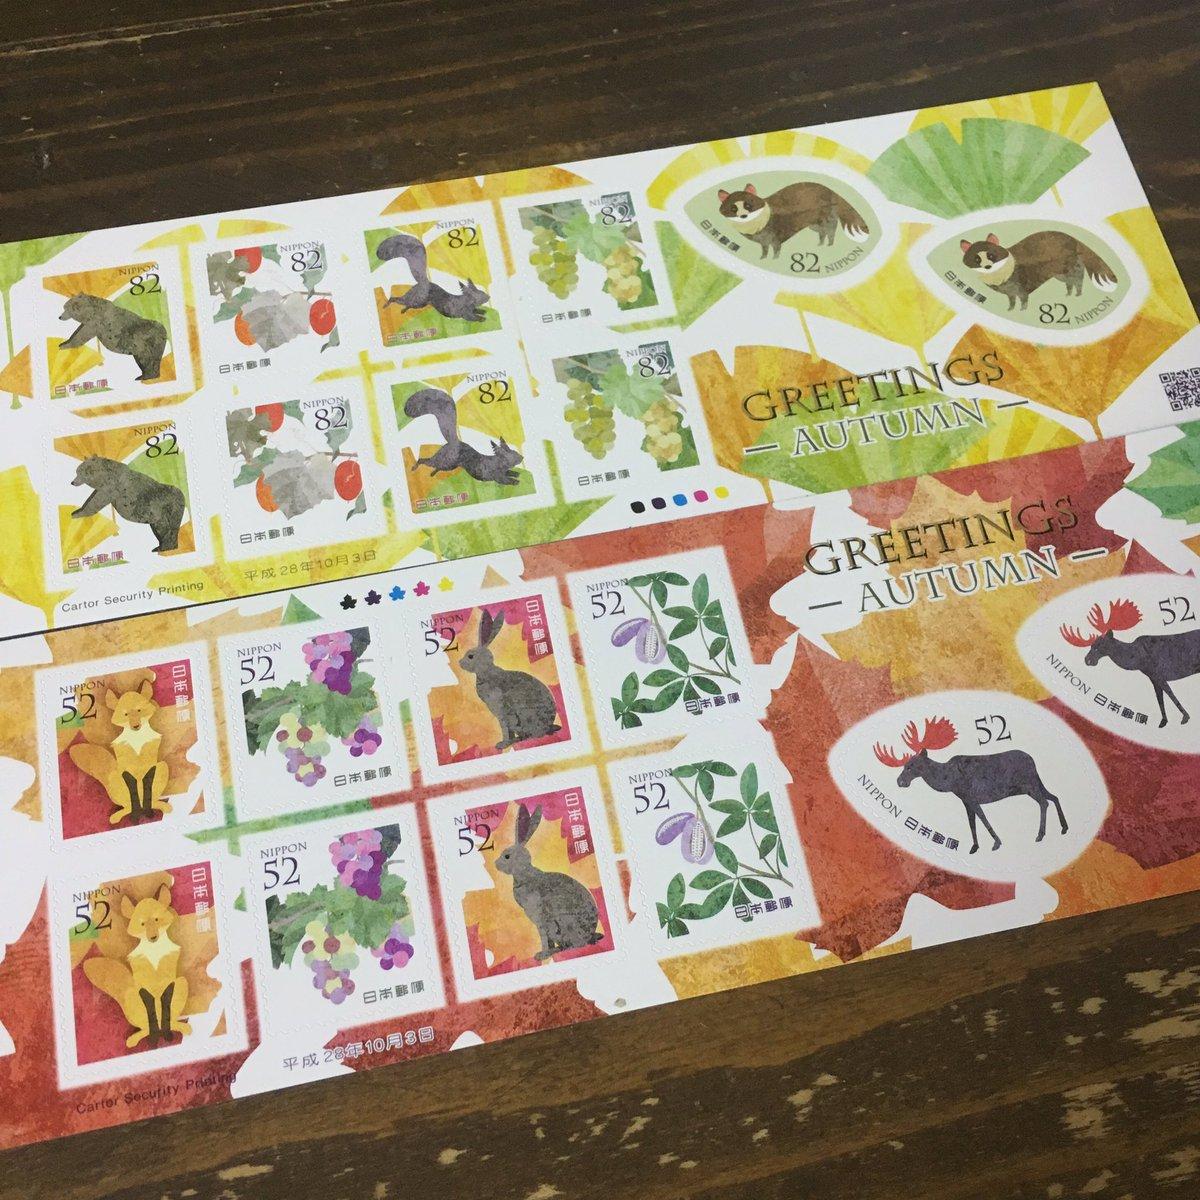 郵便局に行ったらこんな可愛い切手が出てた。 https://t.co/xOpFRAgpk1